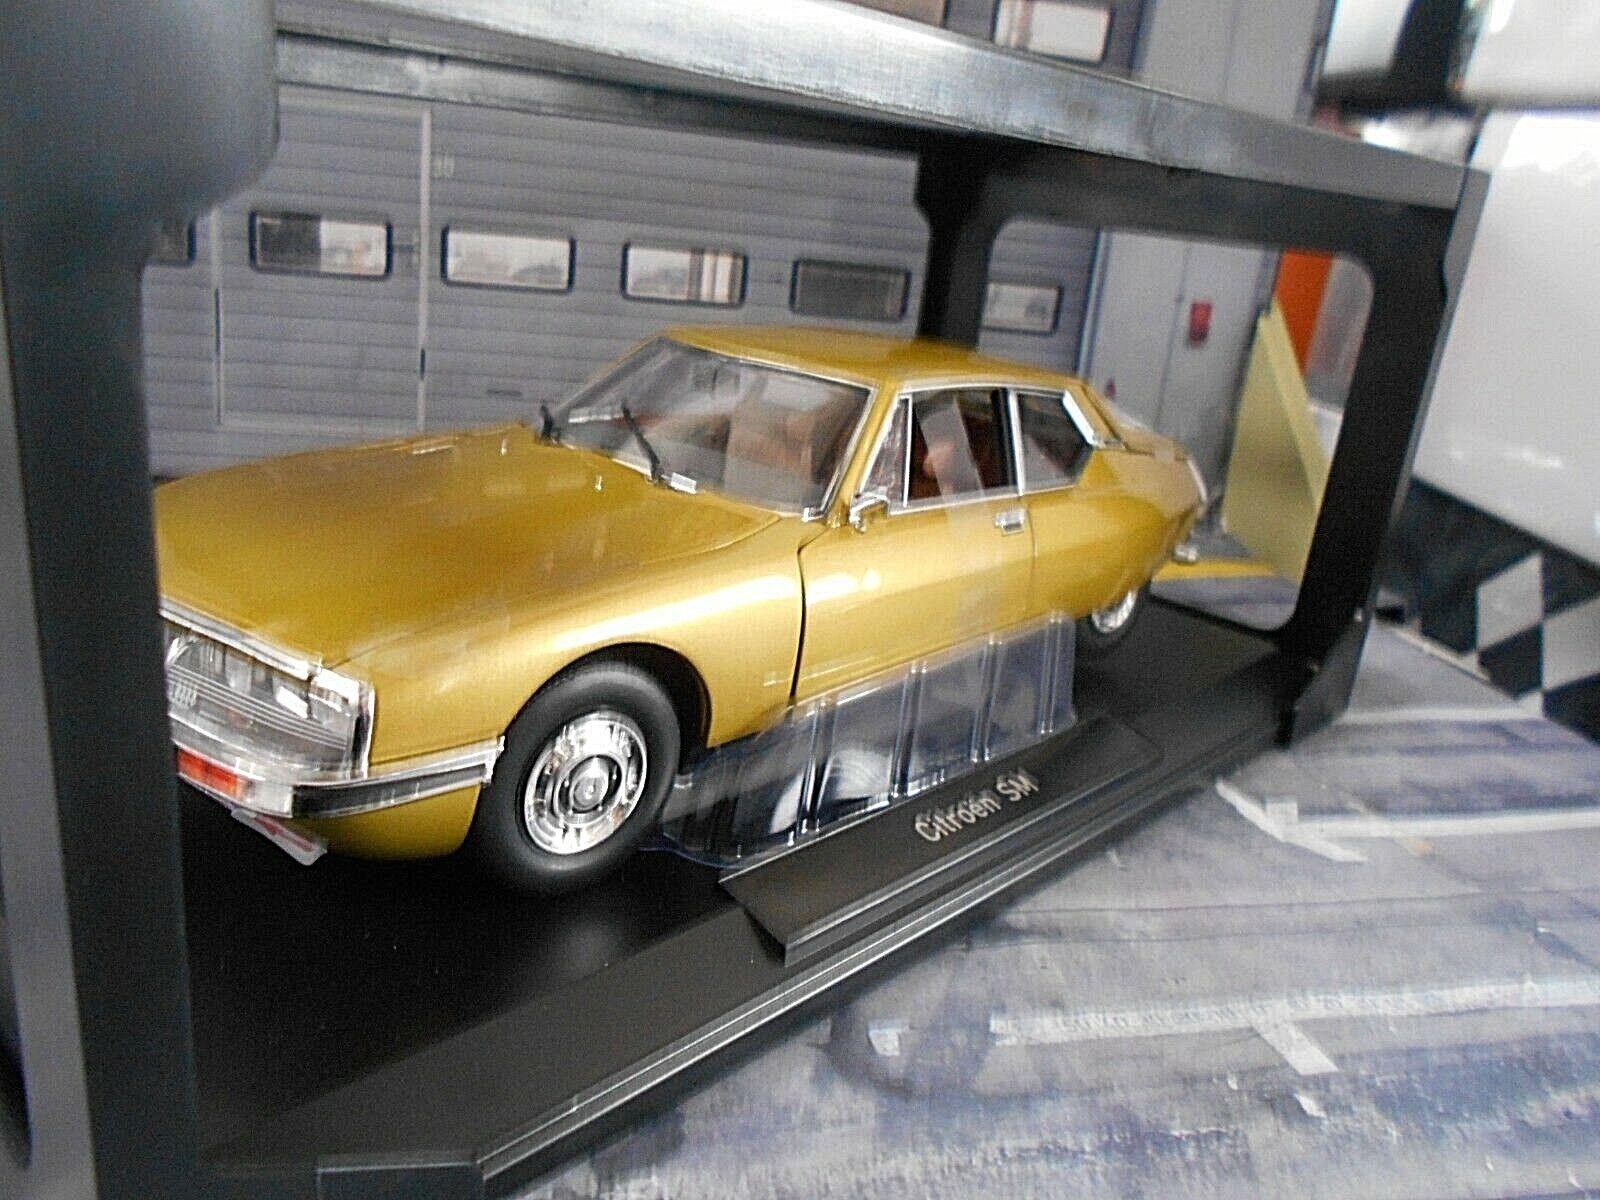 CITROEN SM Maserati V6 1971 Golden leaf Gold met. 181730 NEU Norev 1 18